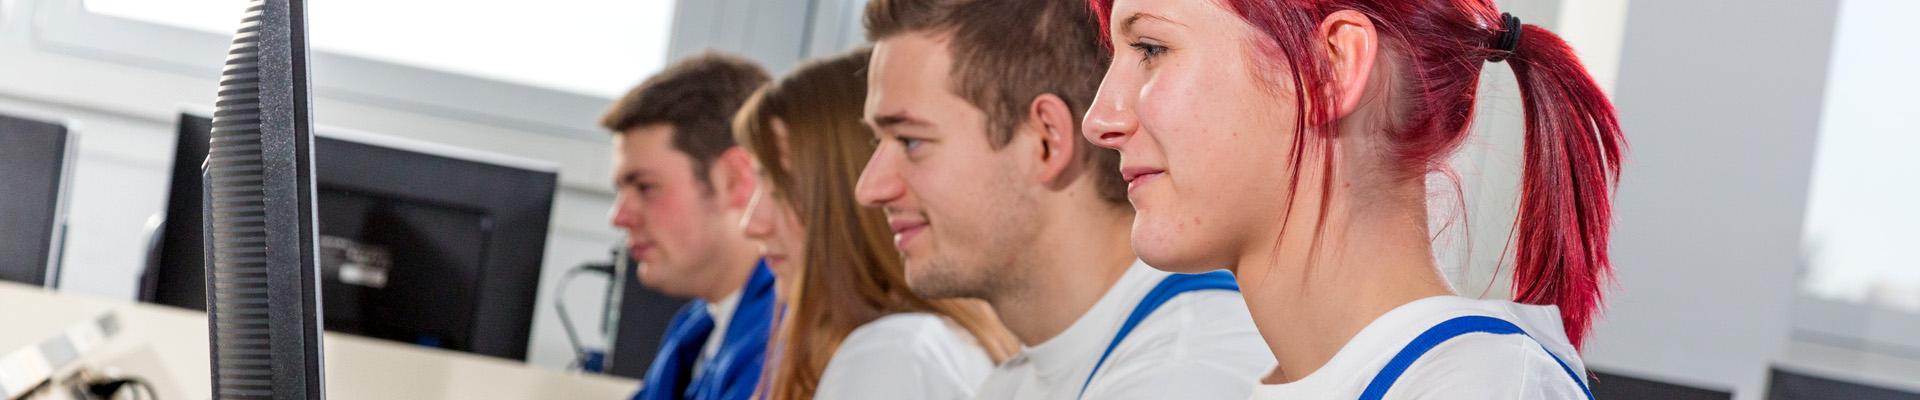 Volkswagen Bildungsinstitut: Ausbildung: Eltern und Lehrer